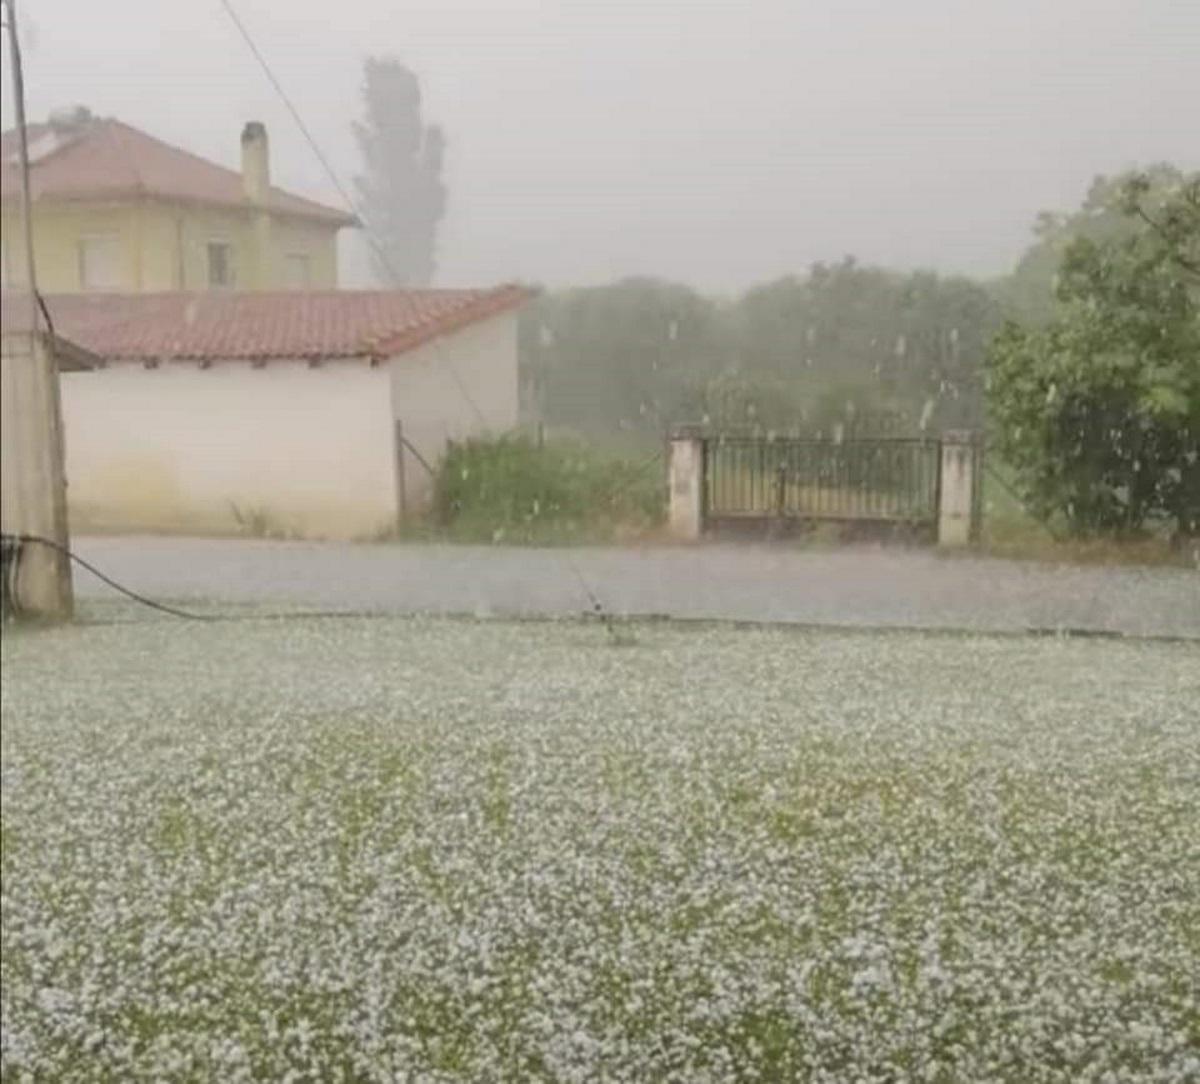 Χαλάζι και προβλήματα στην Ξάνθη: Μετρούν τις πληγές τους οι αγρότες